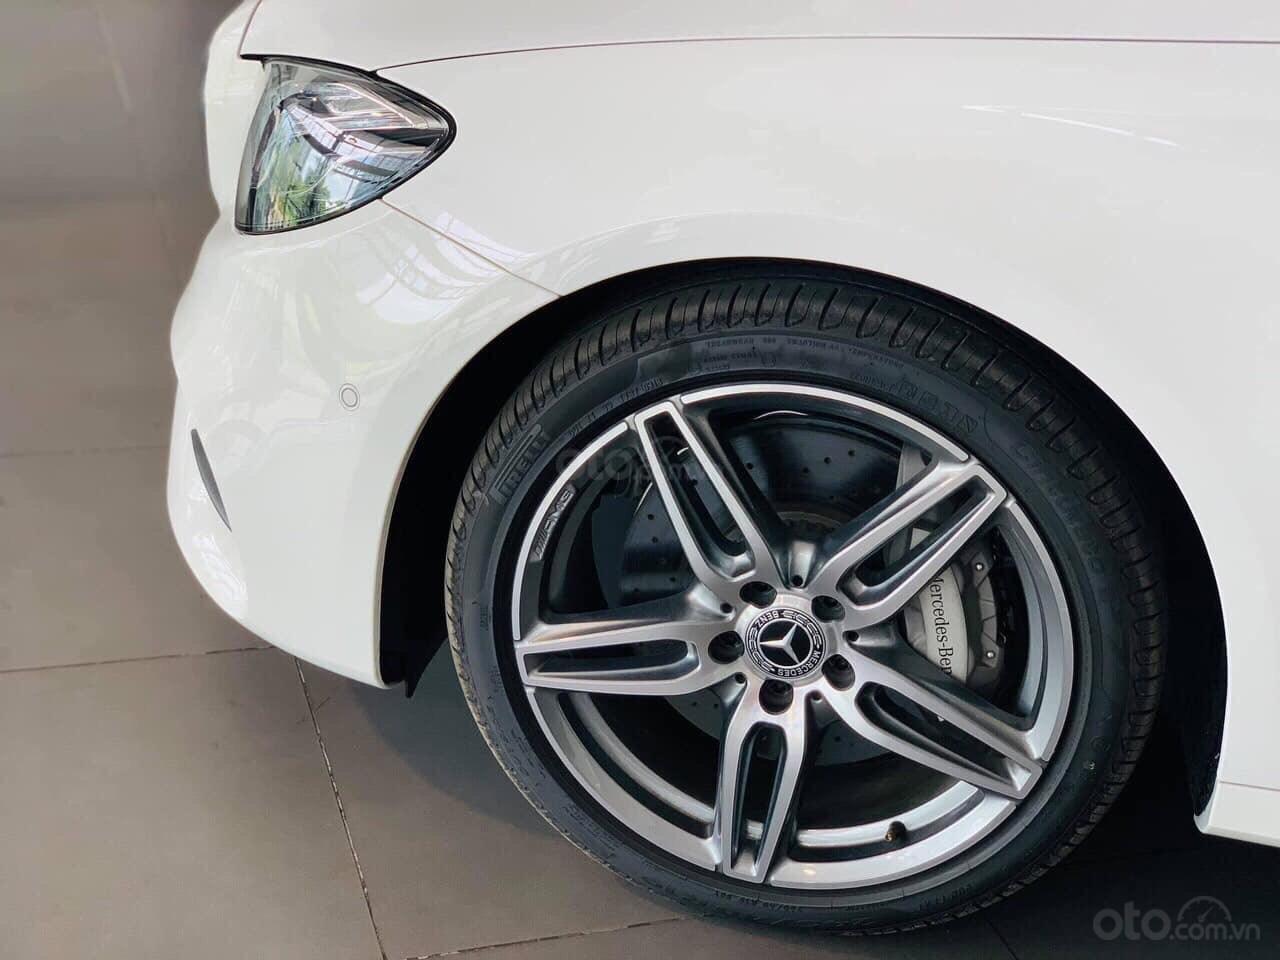 Giá Mercedes E300 AMG 2020, ưu đãi tiền mặt, bảo hiểm, phụ kiện chính hãng tháng 02/2020 (10)